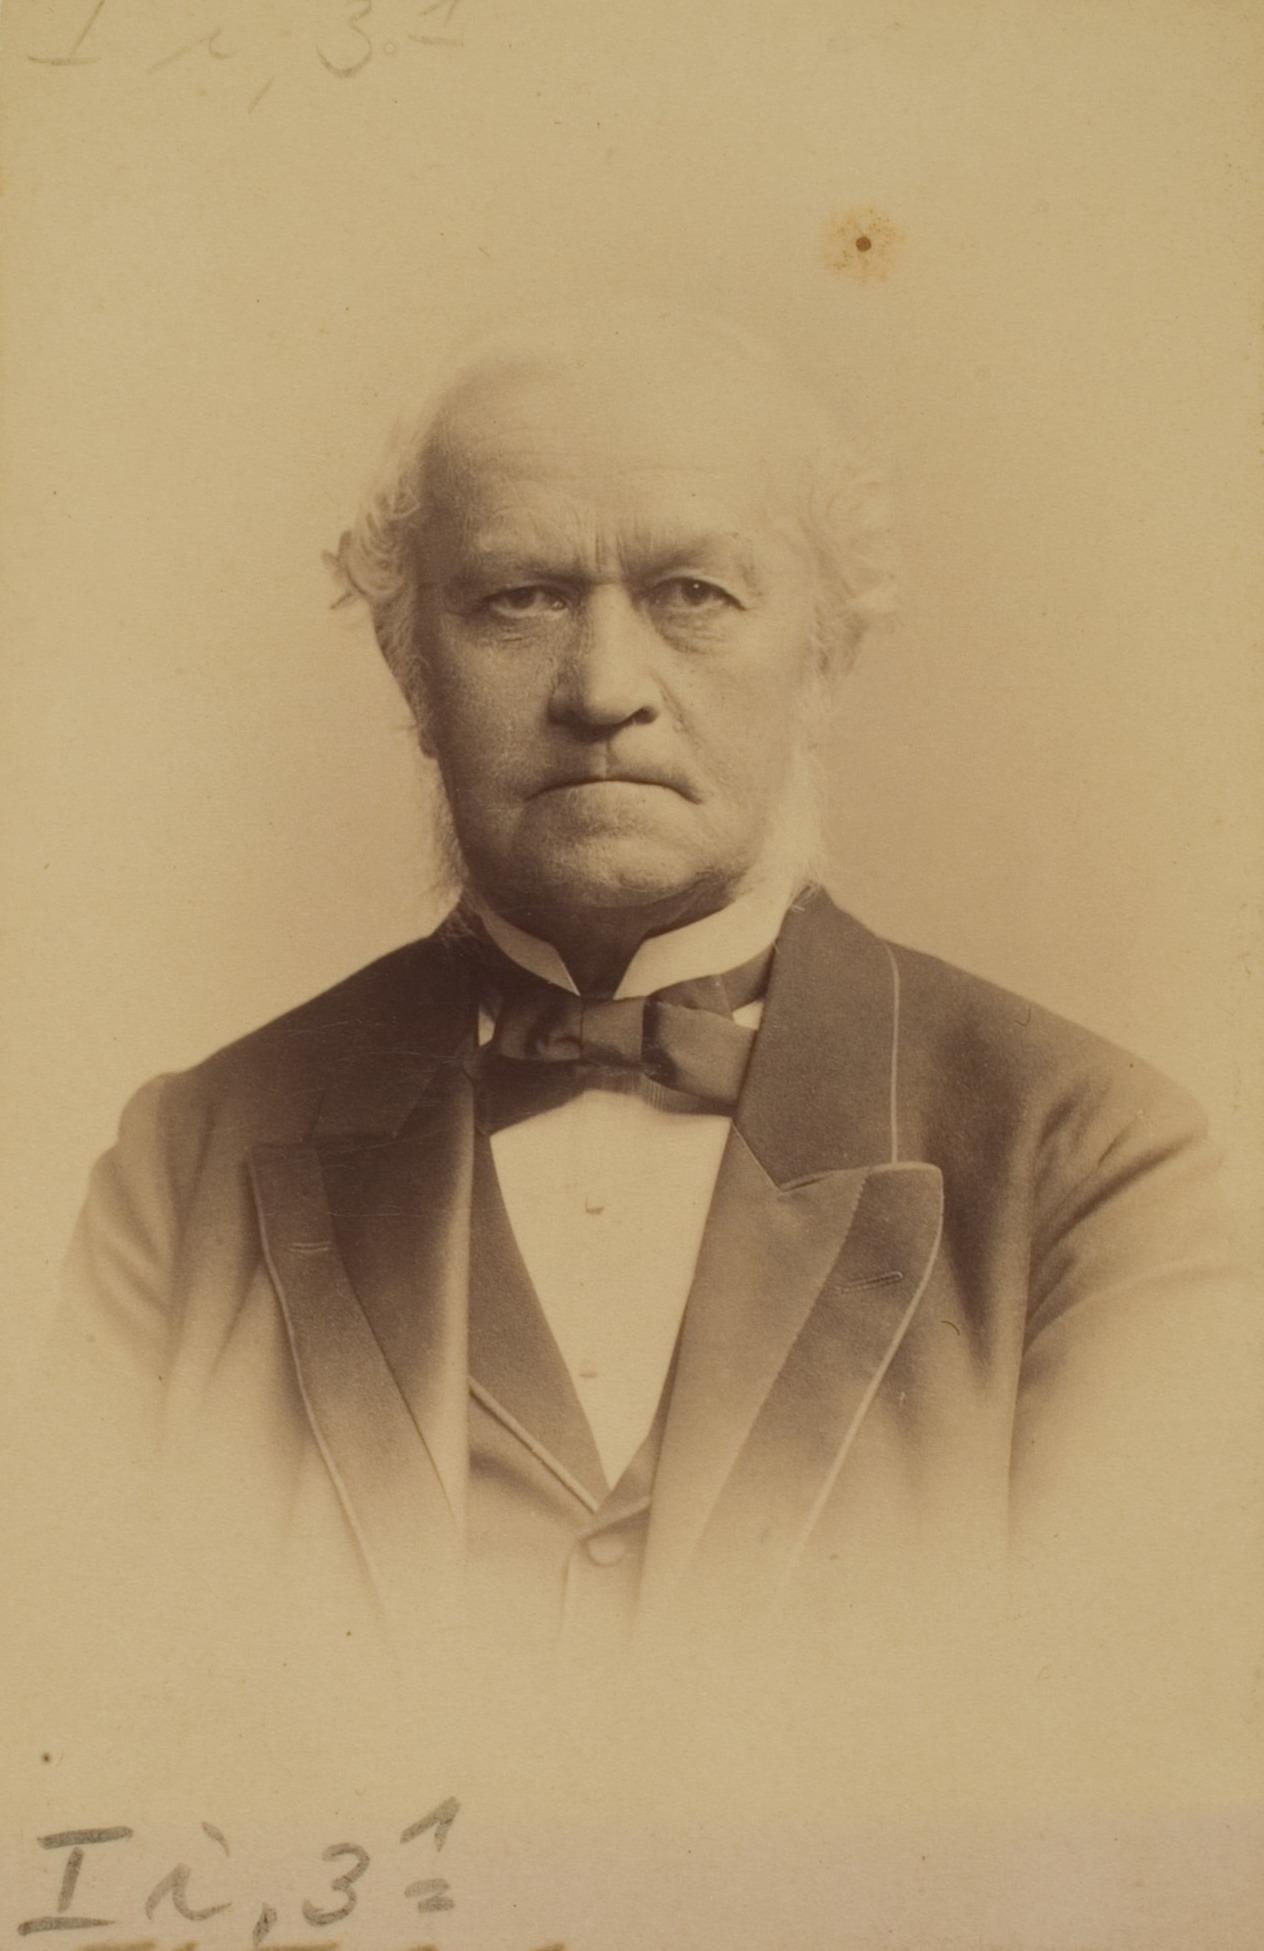 Wilhelm Ihne